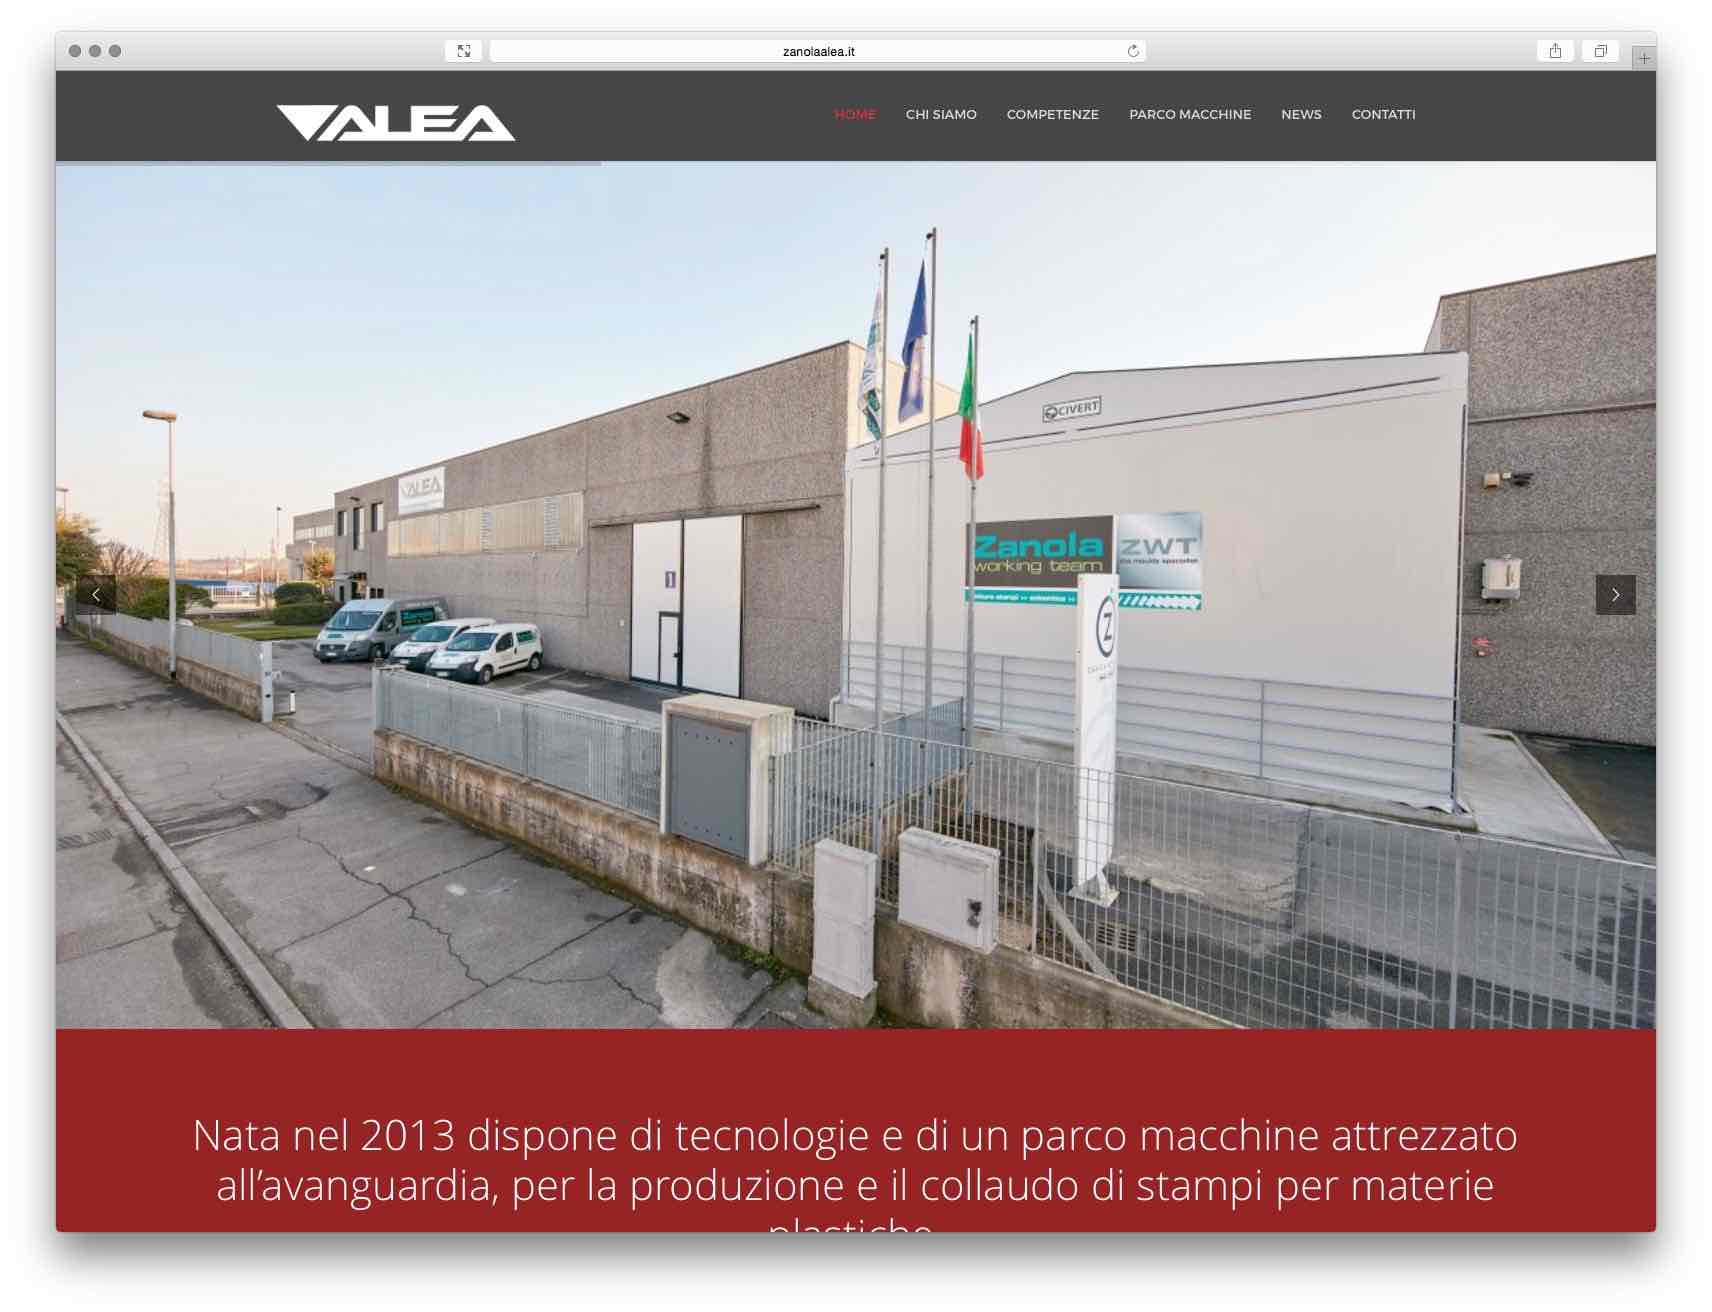 creazione siti web brescia - sito web alea